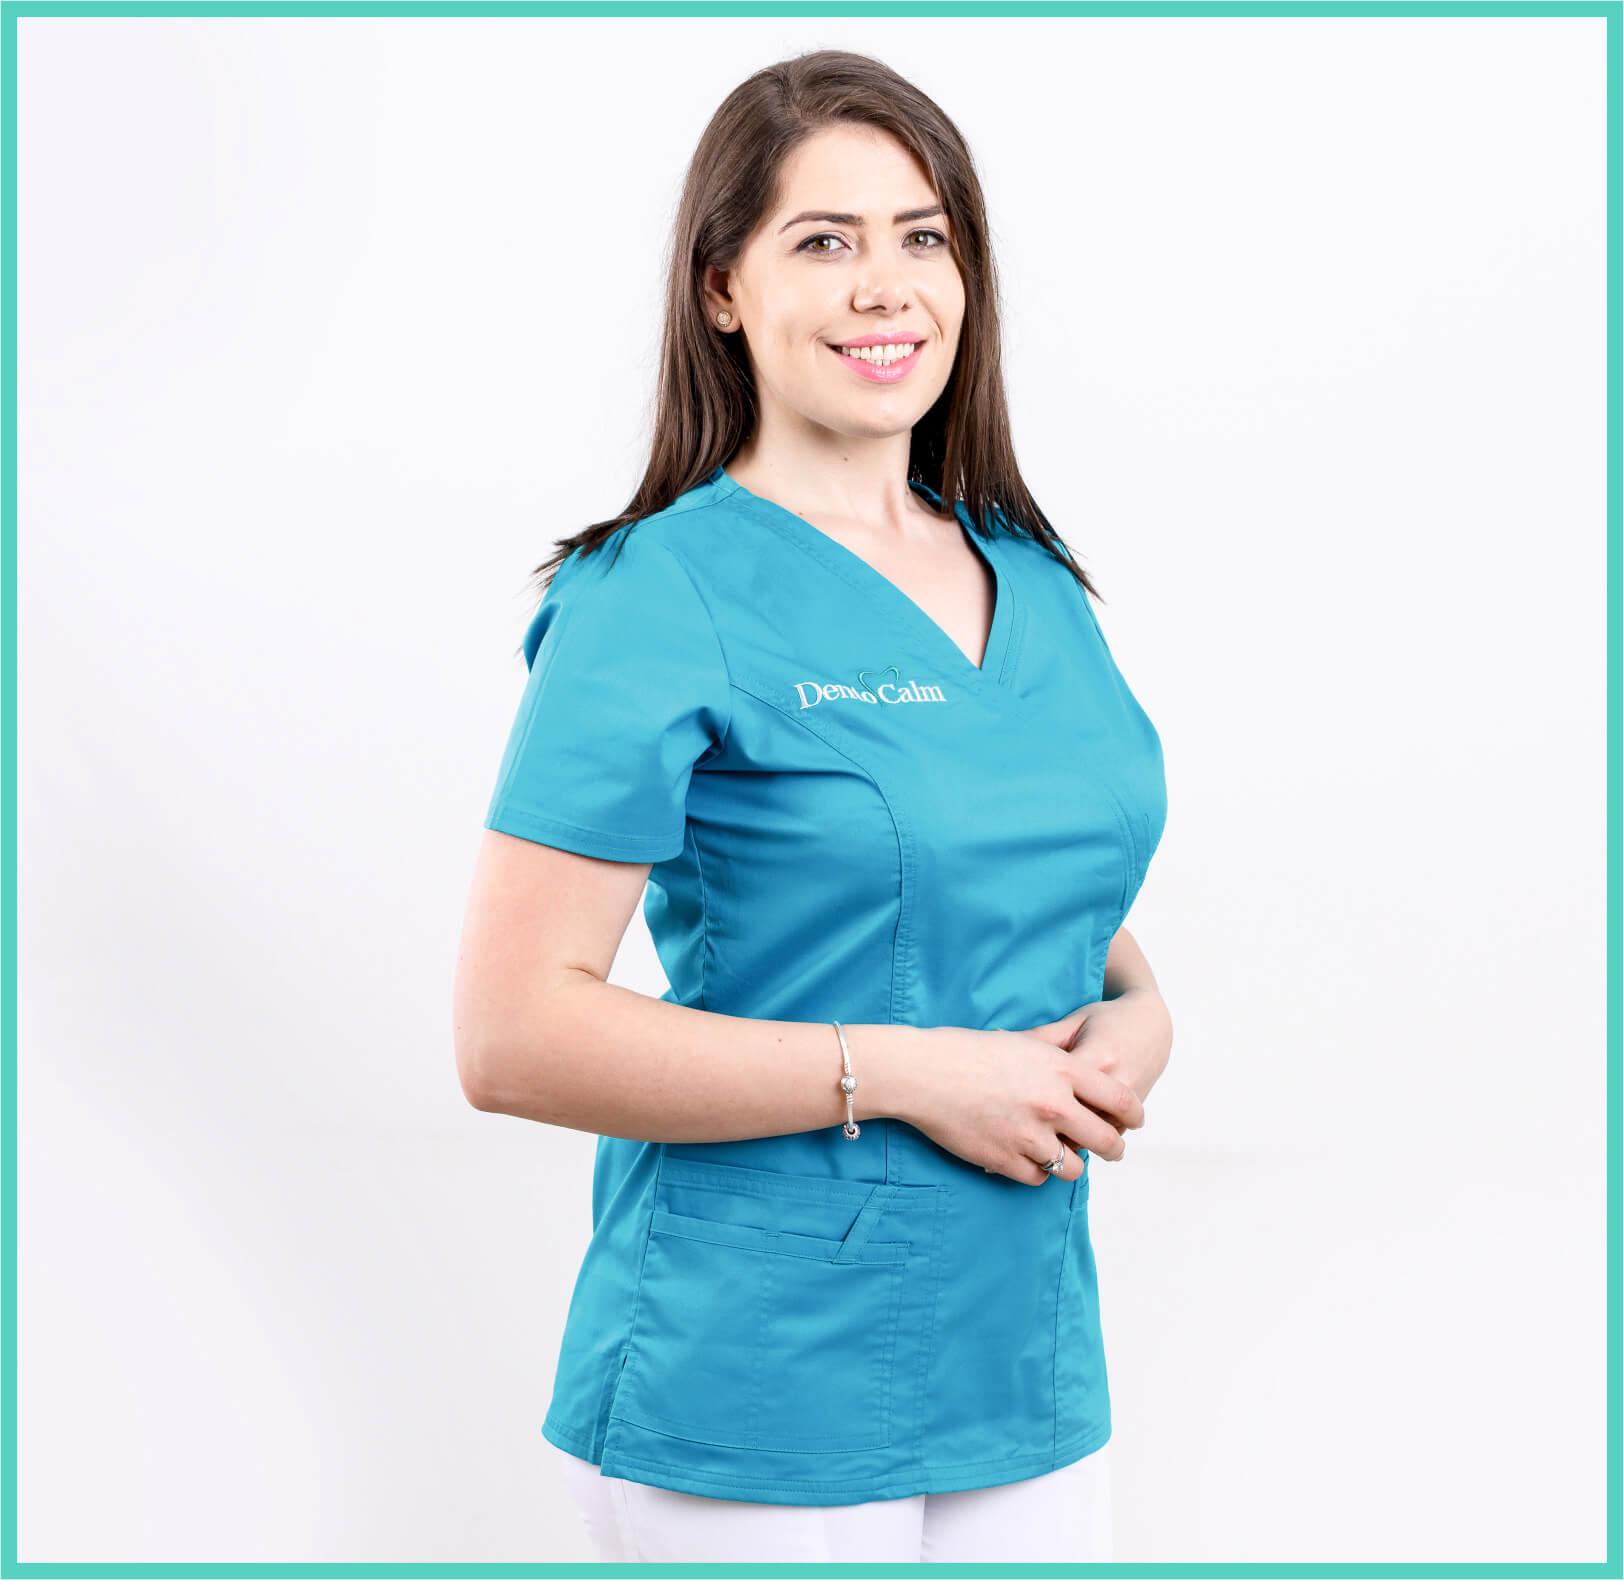 Dr. Andriana Sallum - Clinica Dentocalm